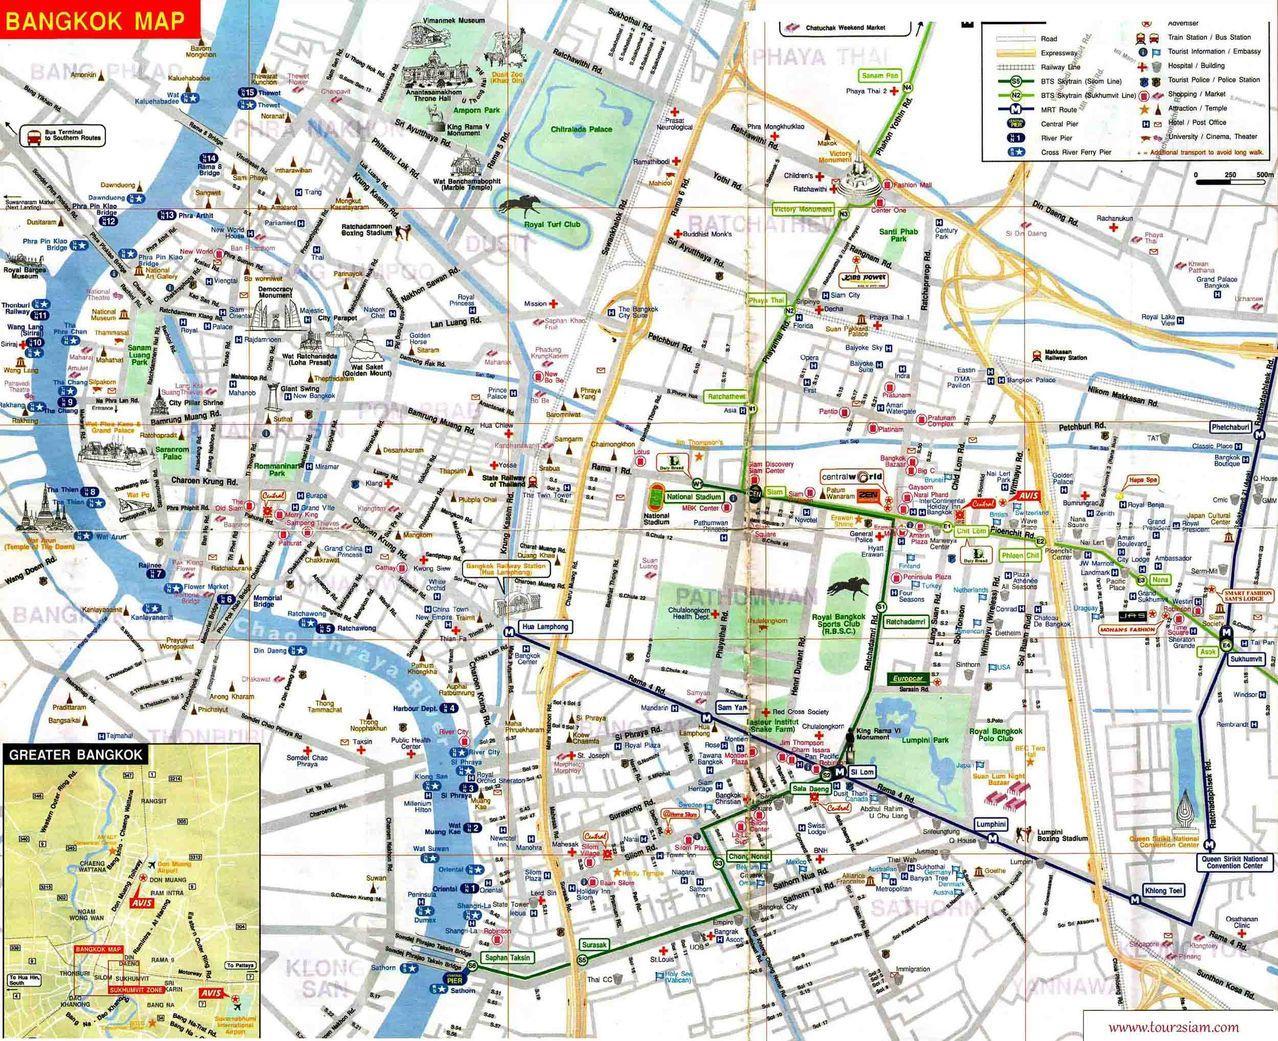 Mbk bangkok map - Map of mbk bangkok (Thailand)